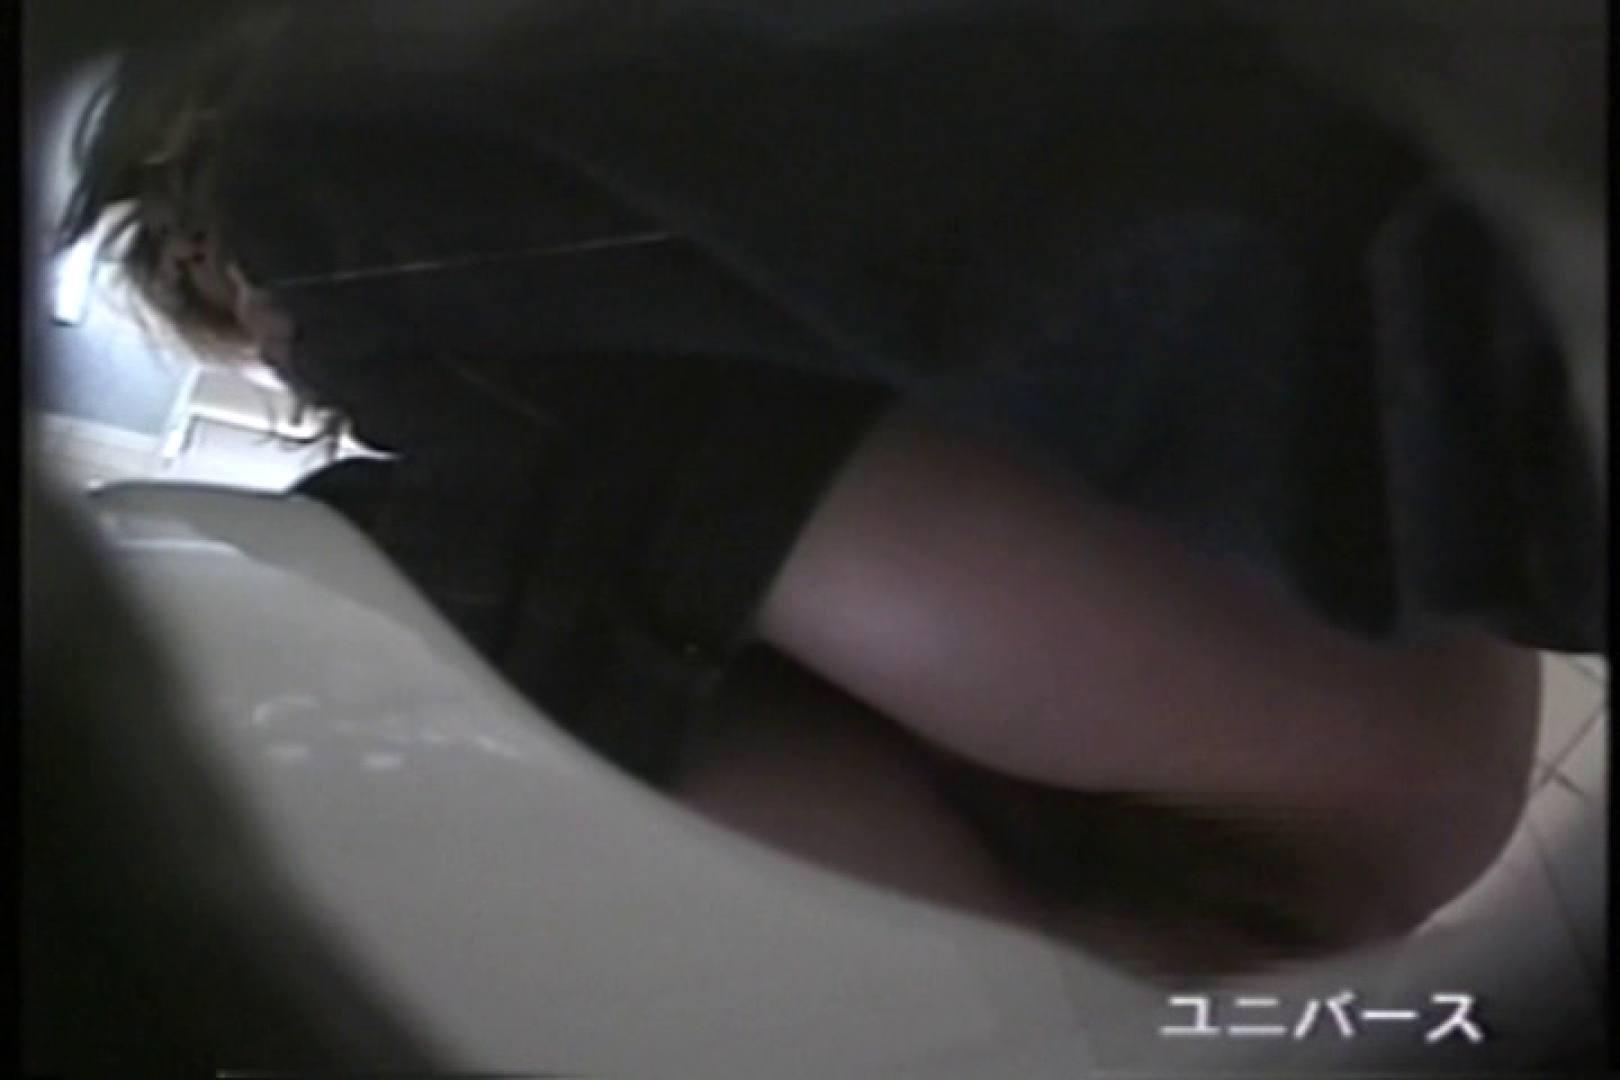 下半身シースルー洗面所Vol.6 美女OL 盗み撮り動画キャプチャ 74連発 14